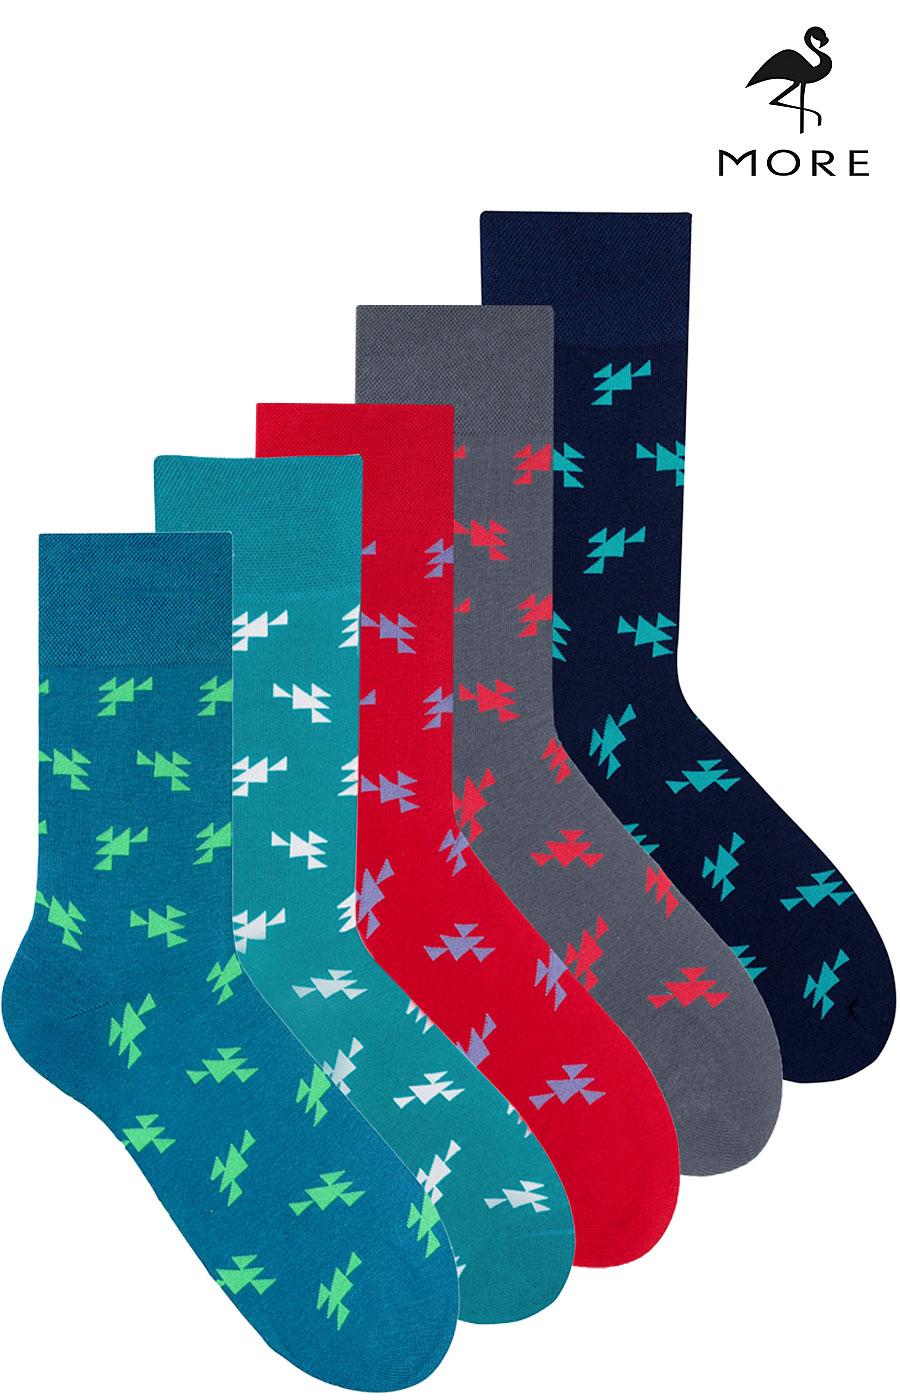 0660a5afdf340b Skarpety męskie bawełniane kolorowe More triangles